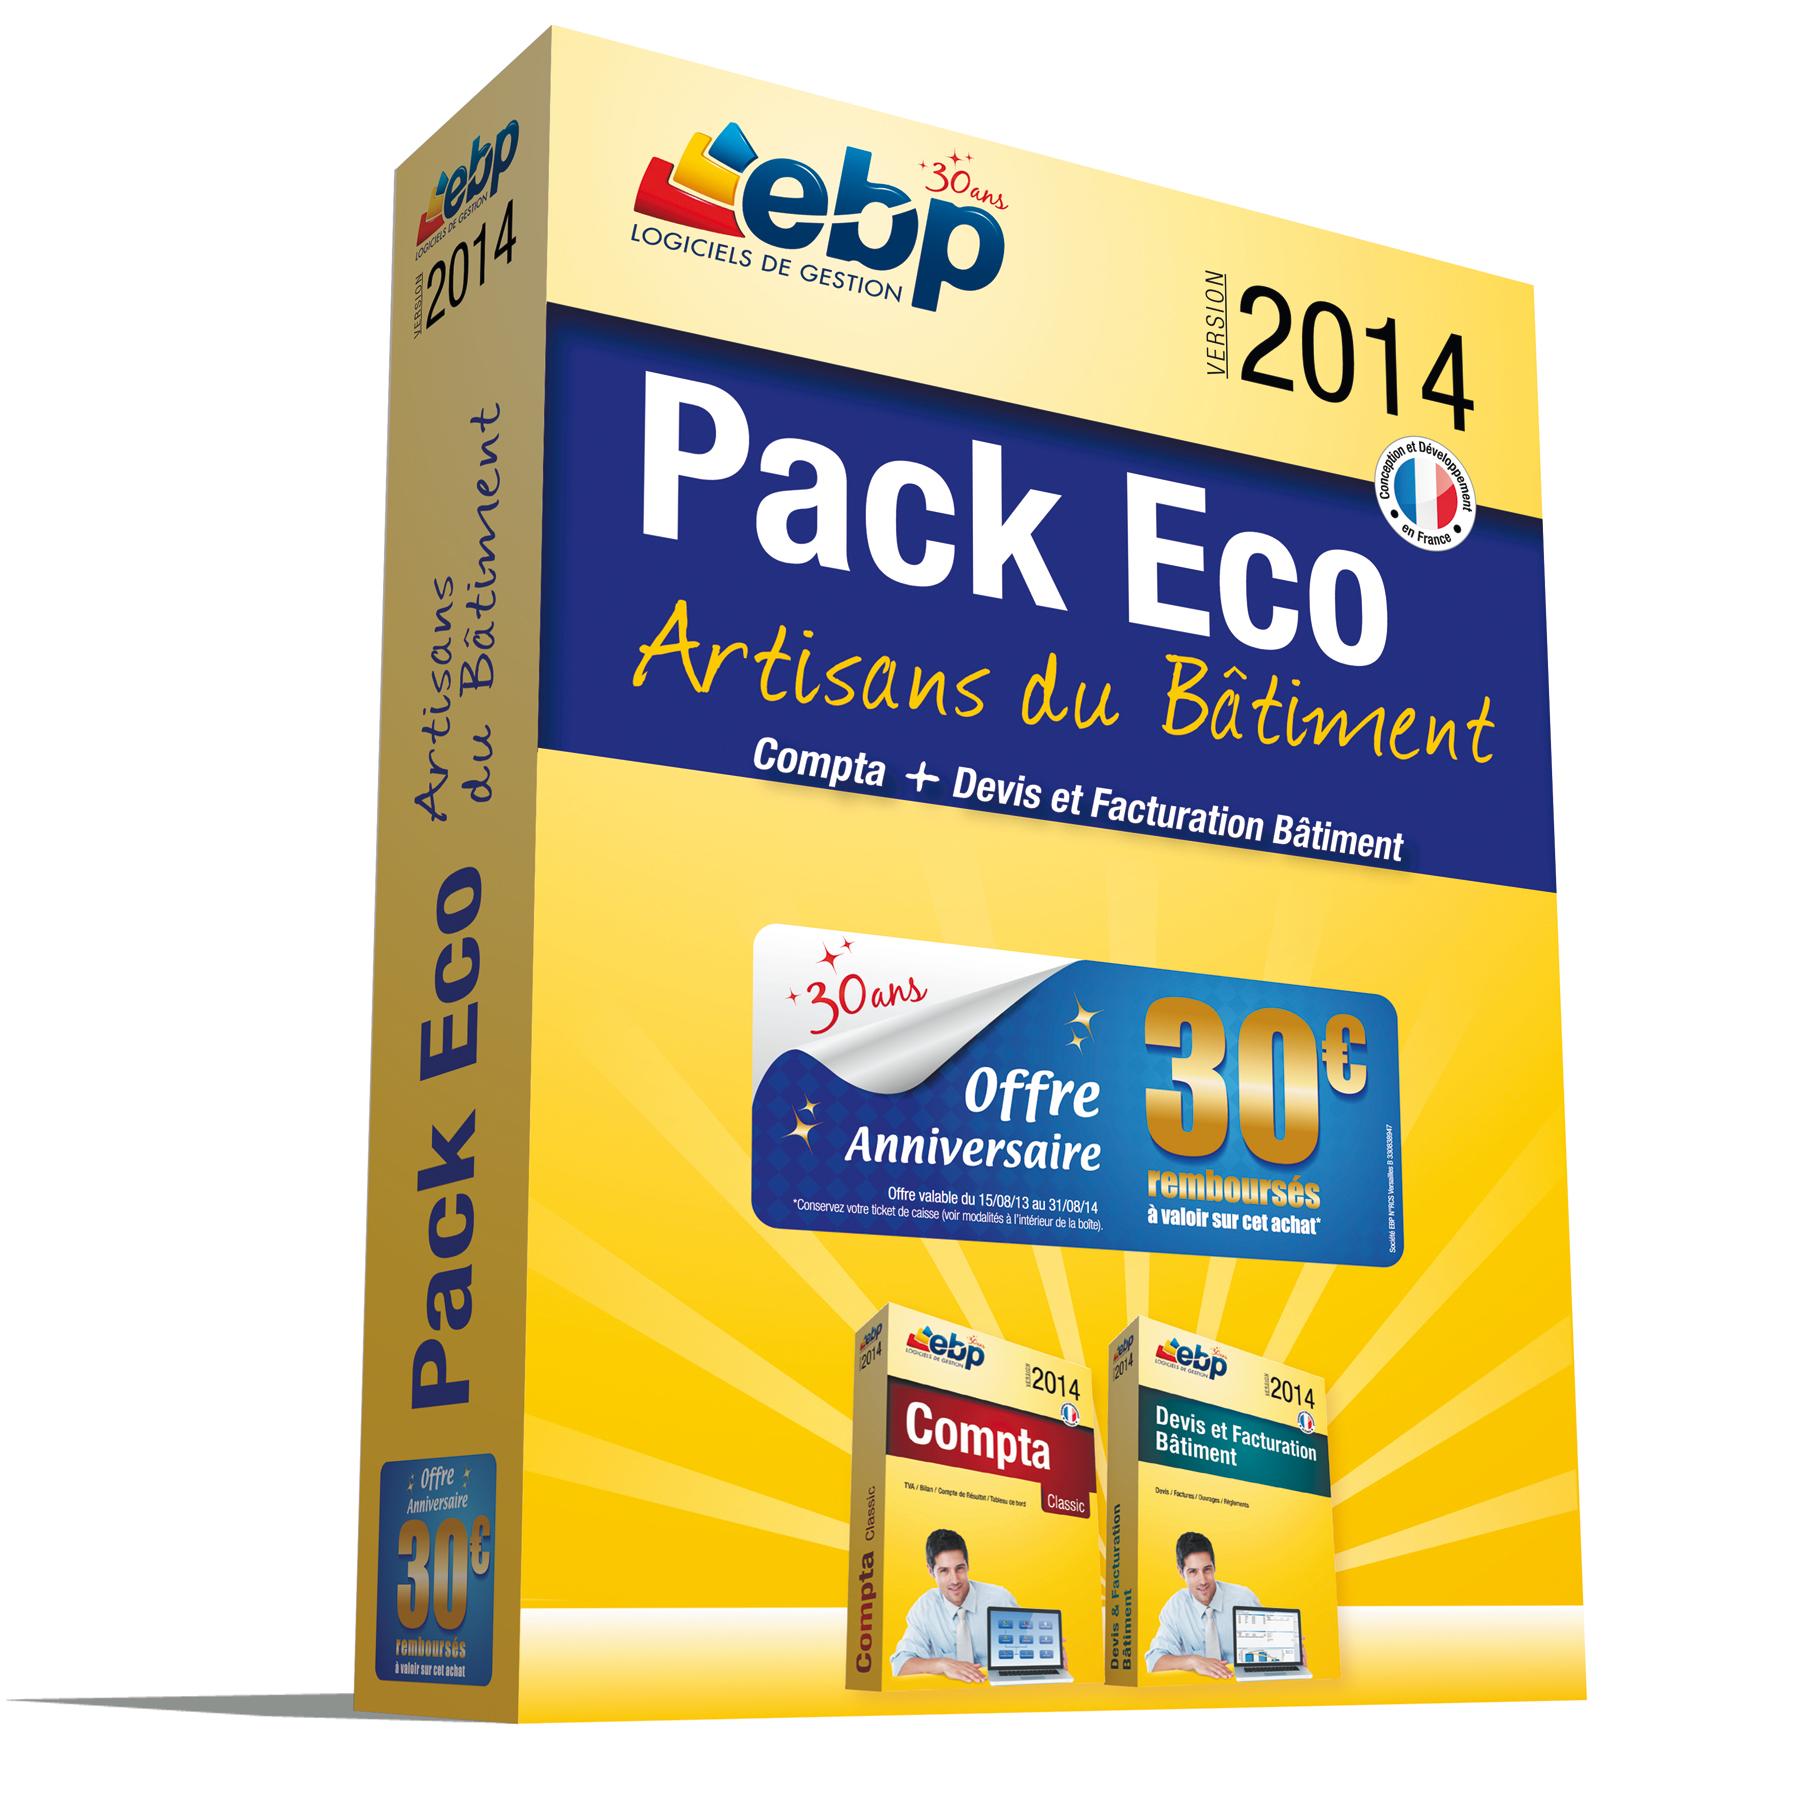 Ebp pack eco artisans du b timent 2014 logiciel - Materiel de bureau comptabilite ...